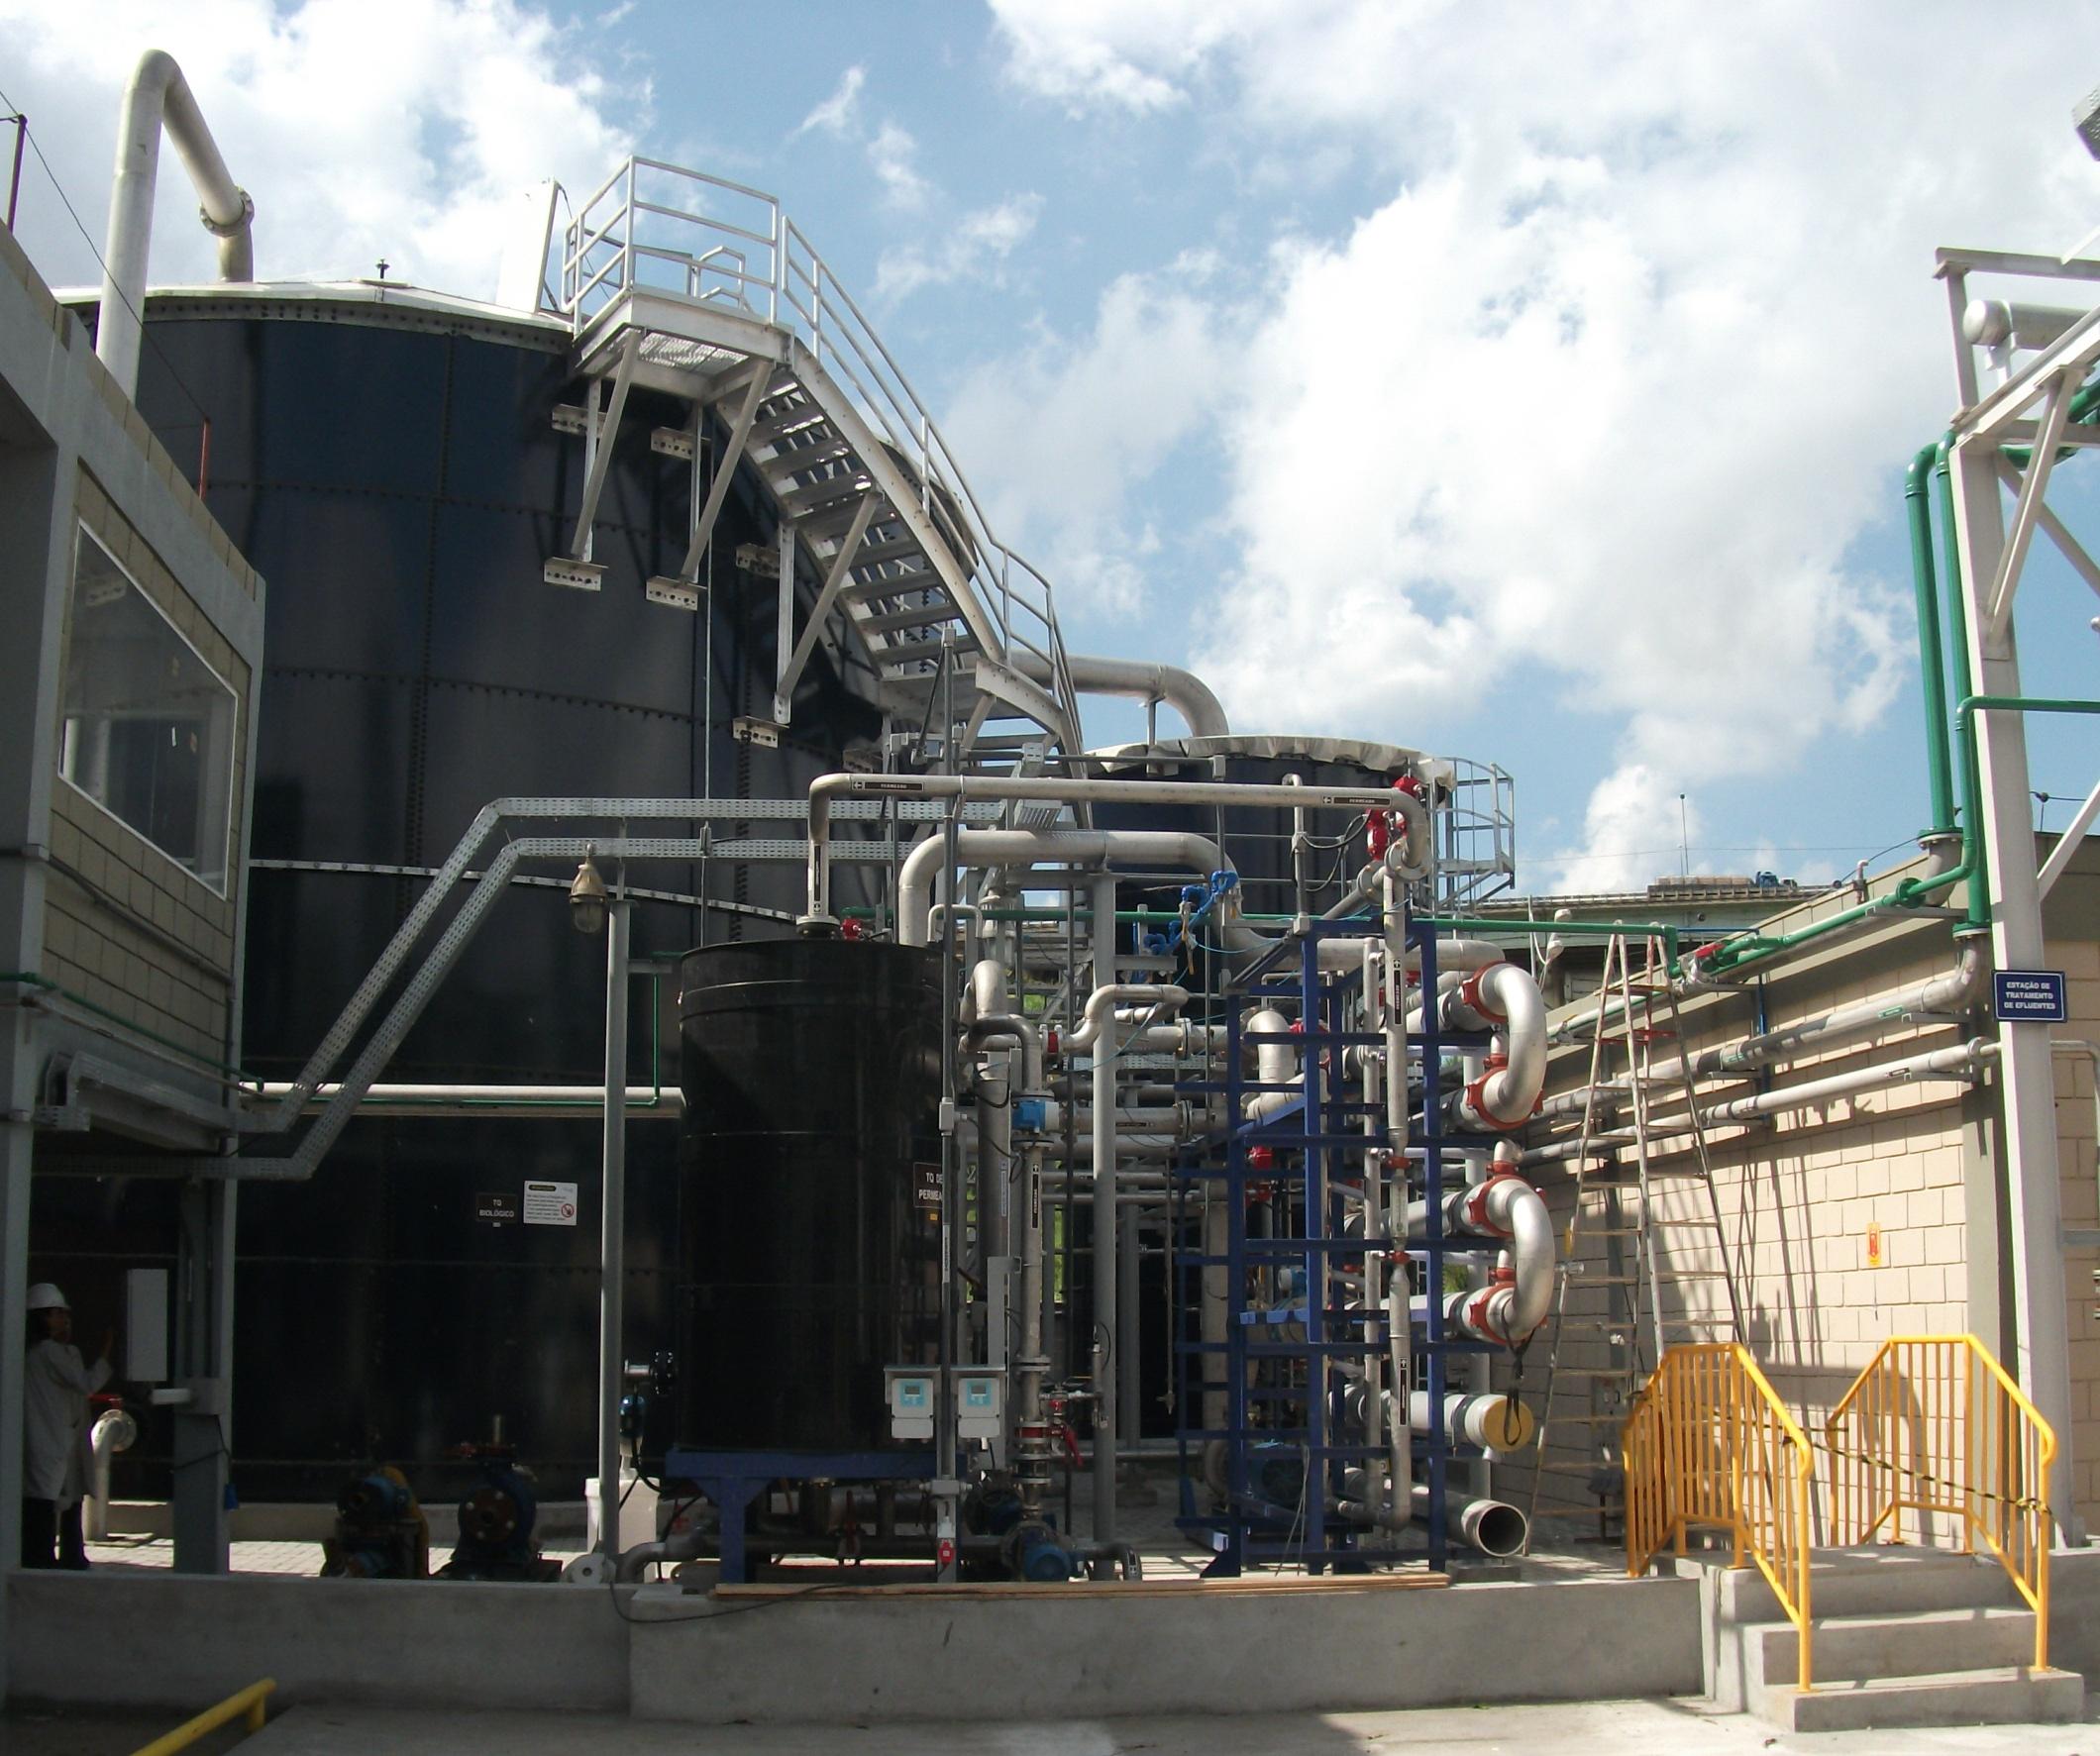 WEHRLE Behandlung chemischer, pharmazeutischer & kosmetischer Abwässer - Abwasserbehandlungsanlage eines Hormonherstellers in Brasilien (Diosynth)